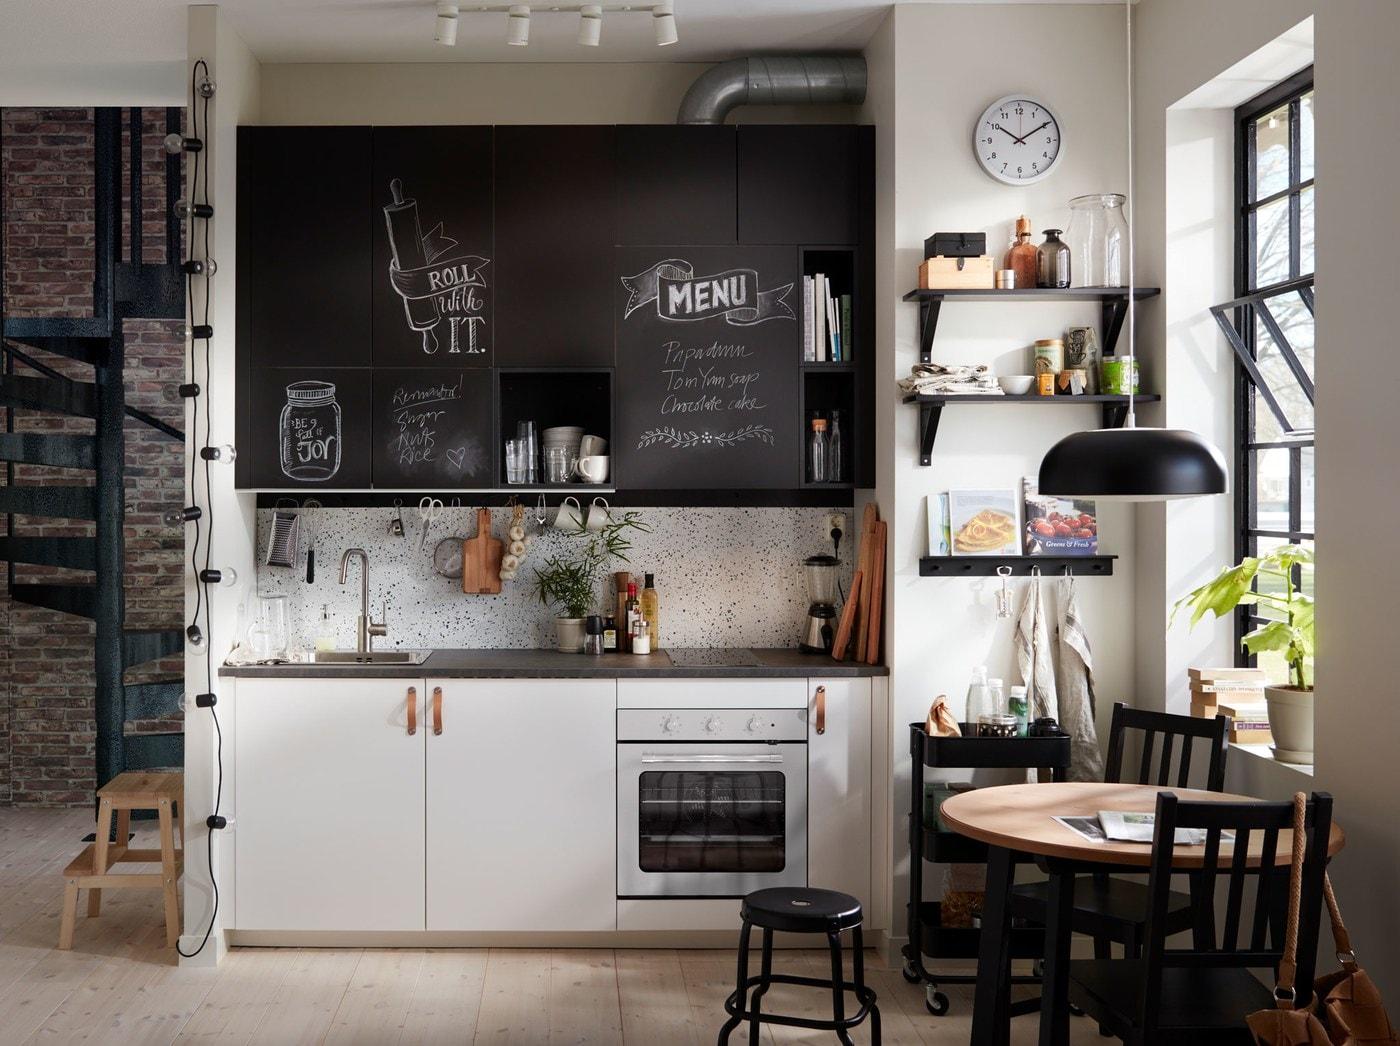 مطبخ صغير باللونين الأسود والأبيض مع أبواب على هيئة سبورة كُتبت عليه رسائل.